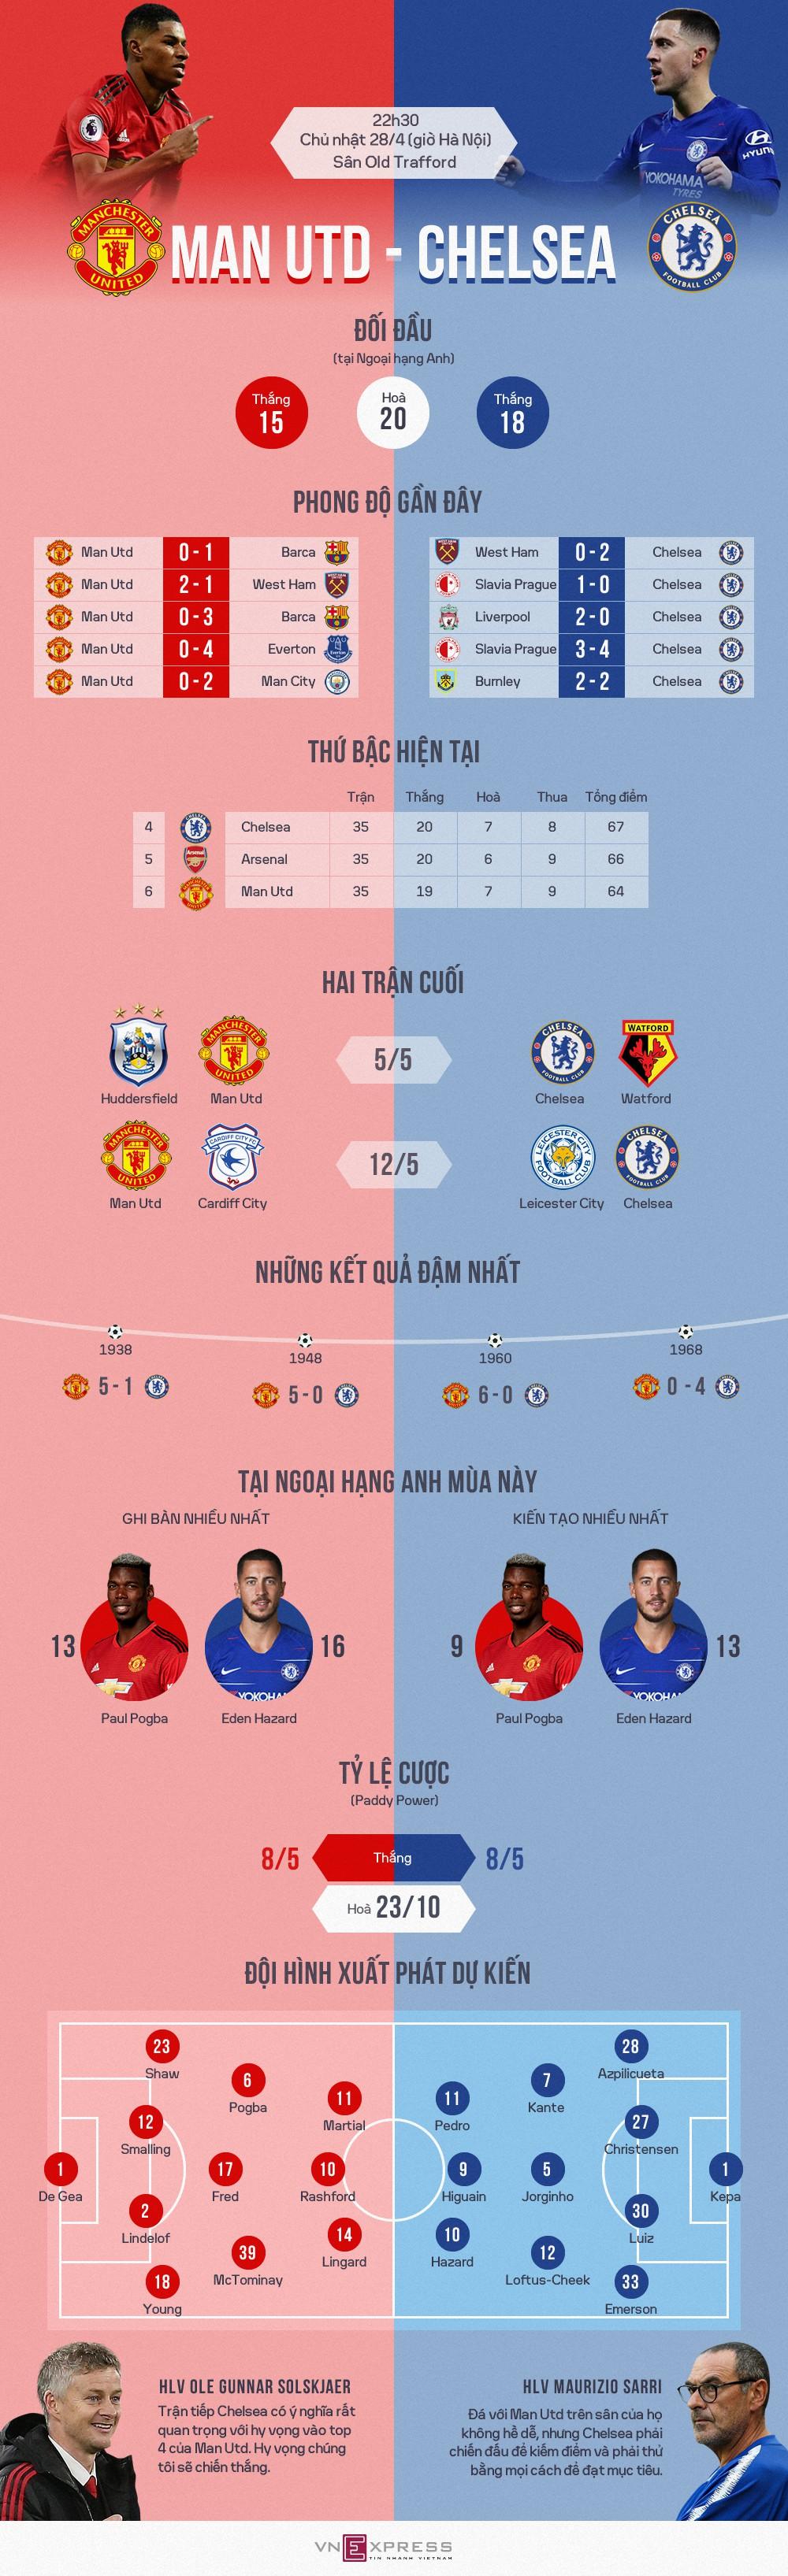 Man Utd - Chelsea: Đại chiến cho khát vọng vào top 4 - Ảnh 1.